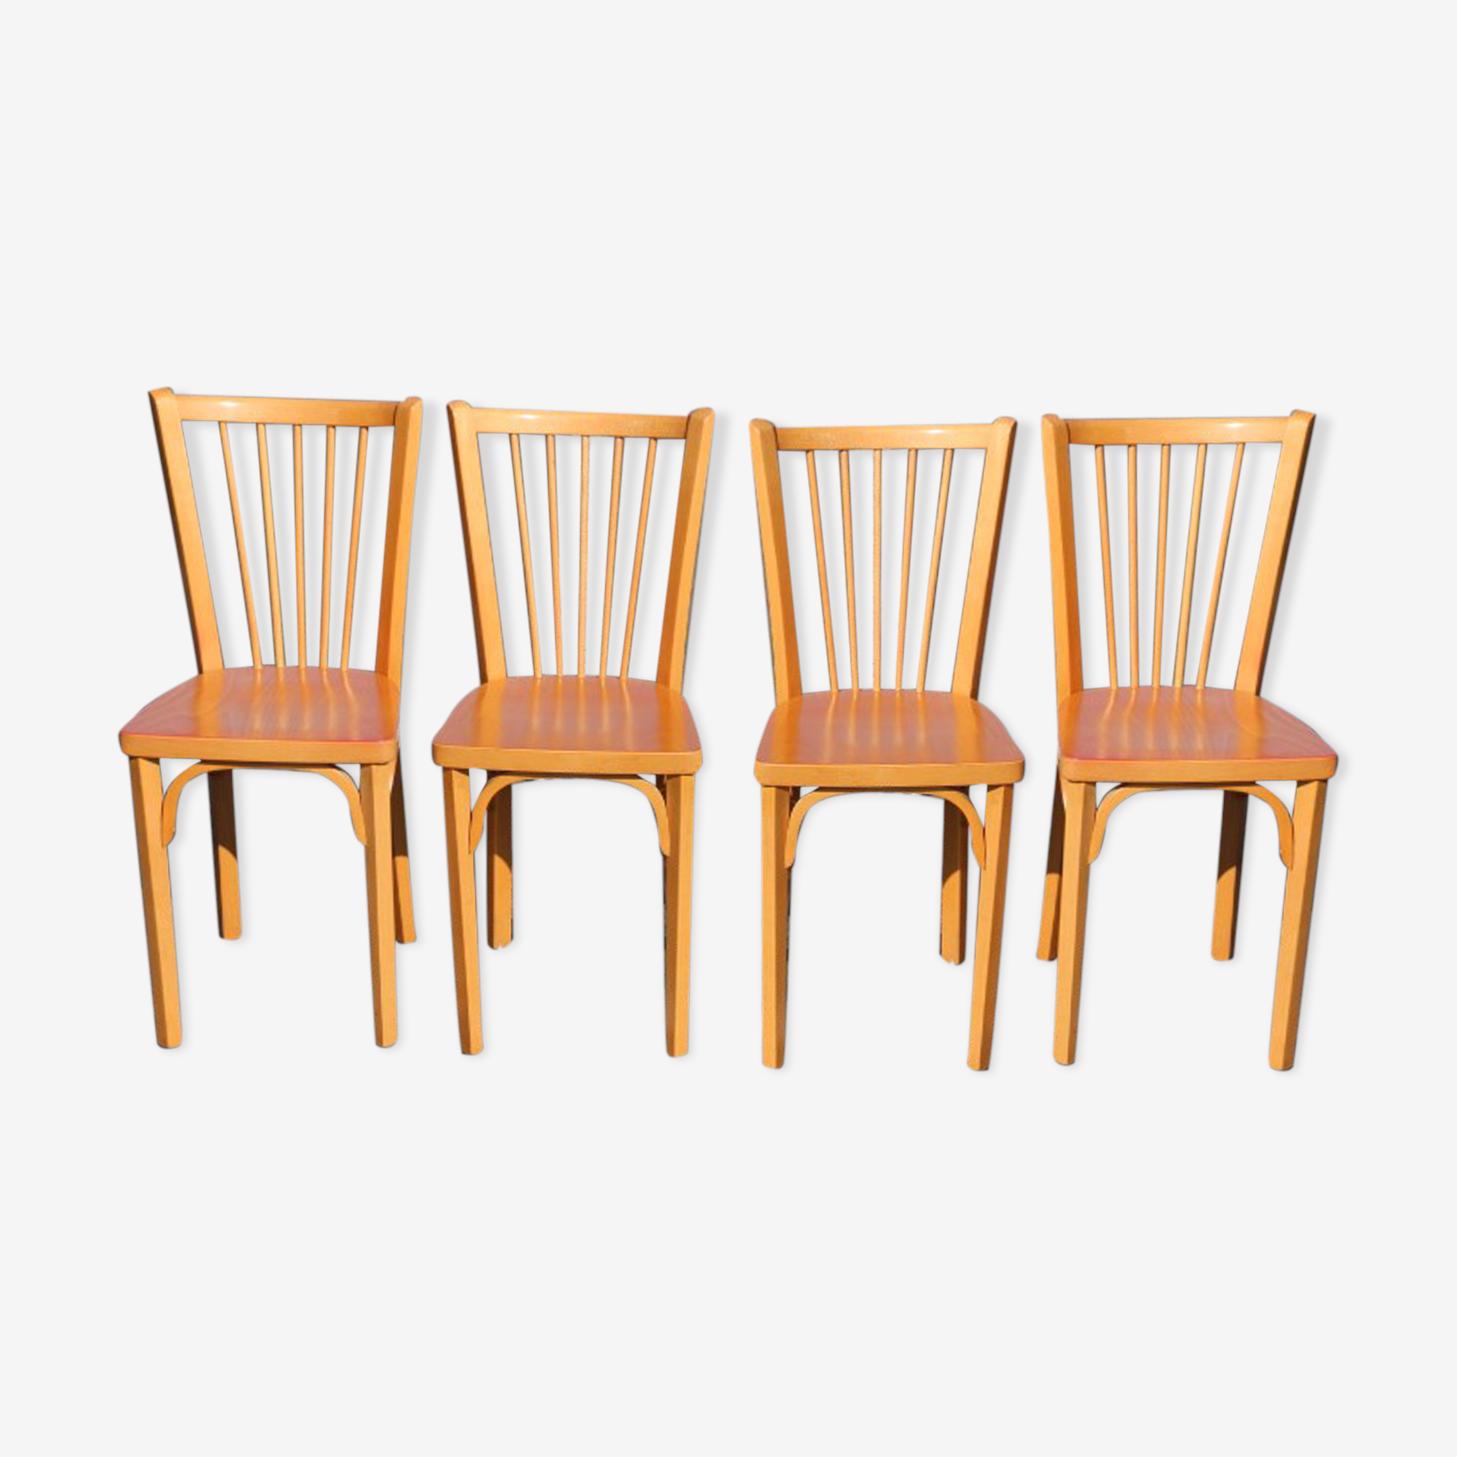 4 chaises Baumann n°12 hêtre clair